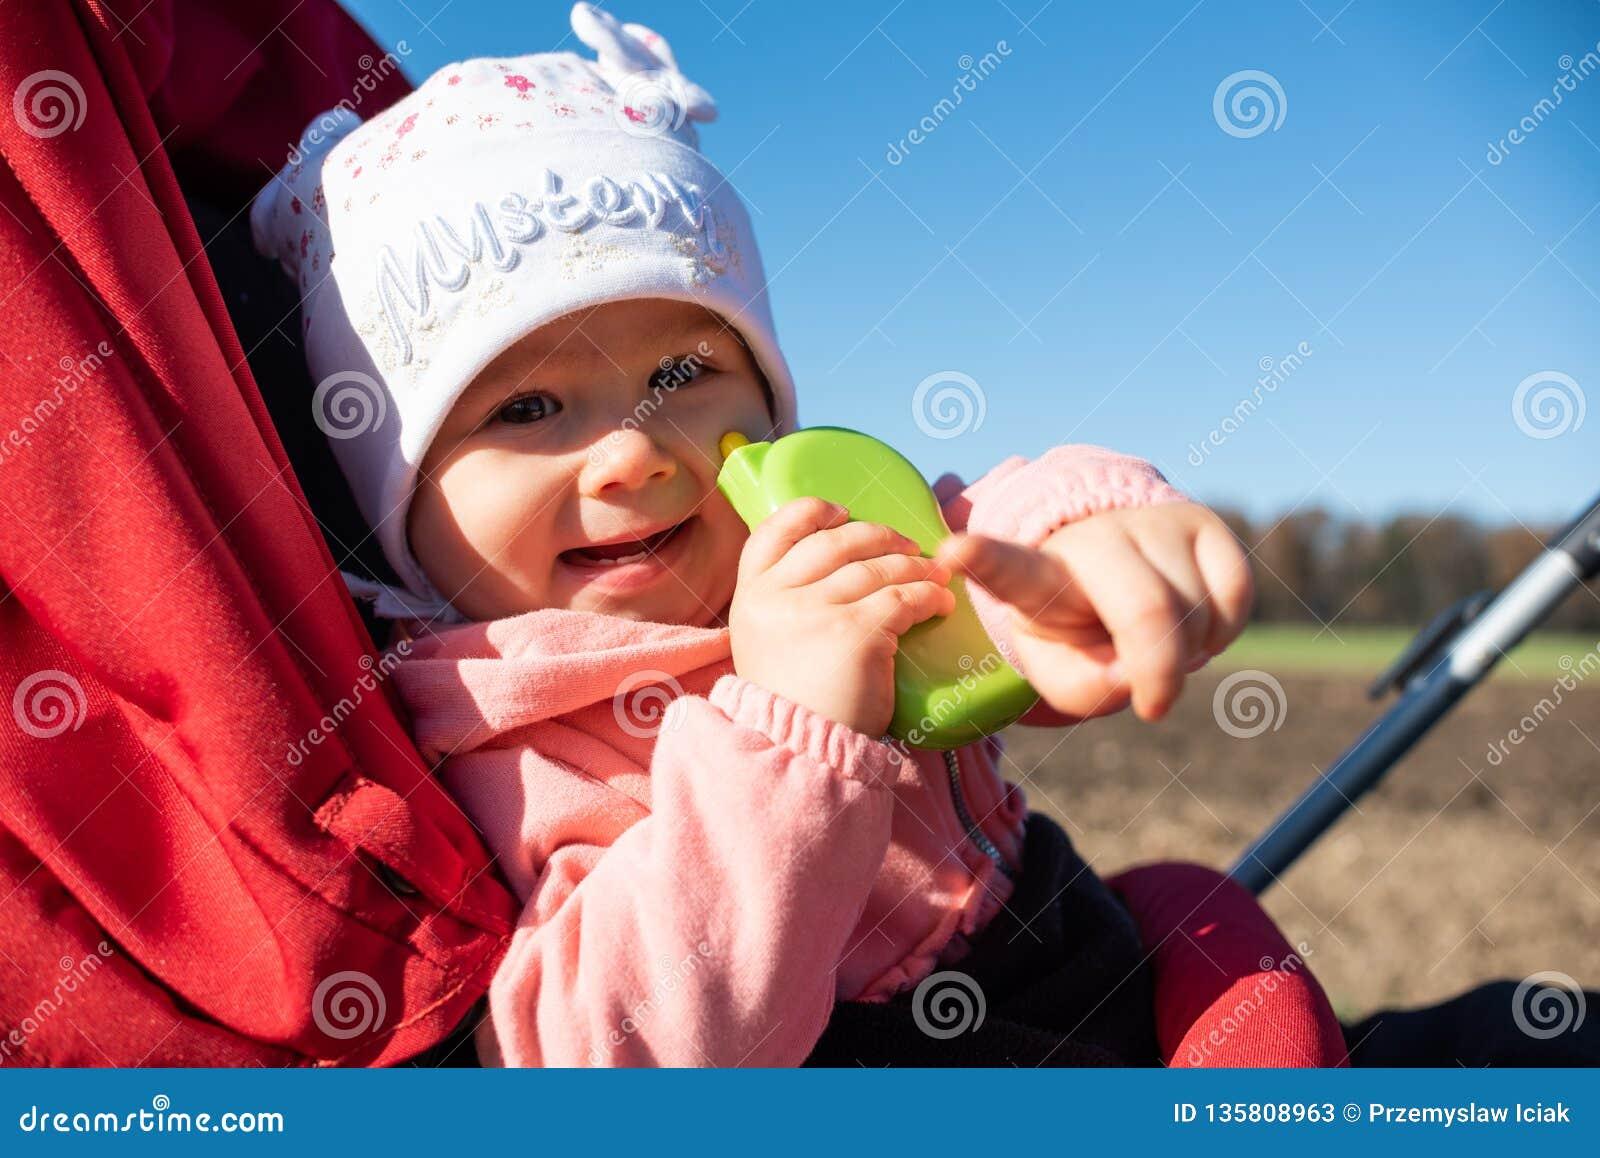 Λατρευτό κοριτσάκι έξω στον κόκκινο περιπατητή στους πράσινους τομείς σε έναν δρόμο, ηλιόλουστη ημέρα Μωρό με το πράσινο παιχνίδι